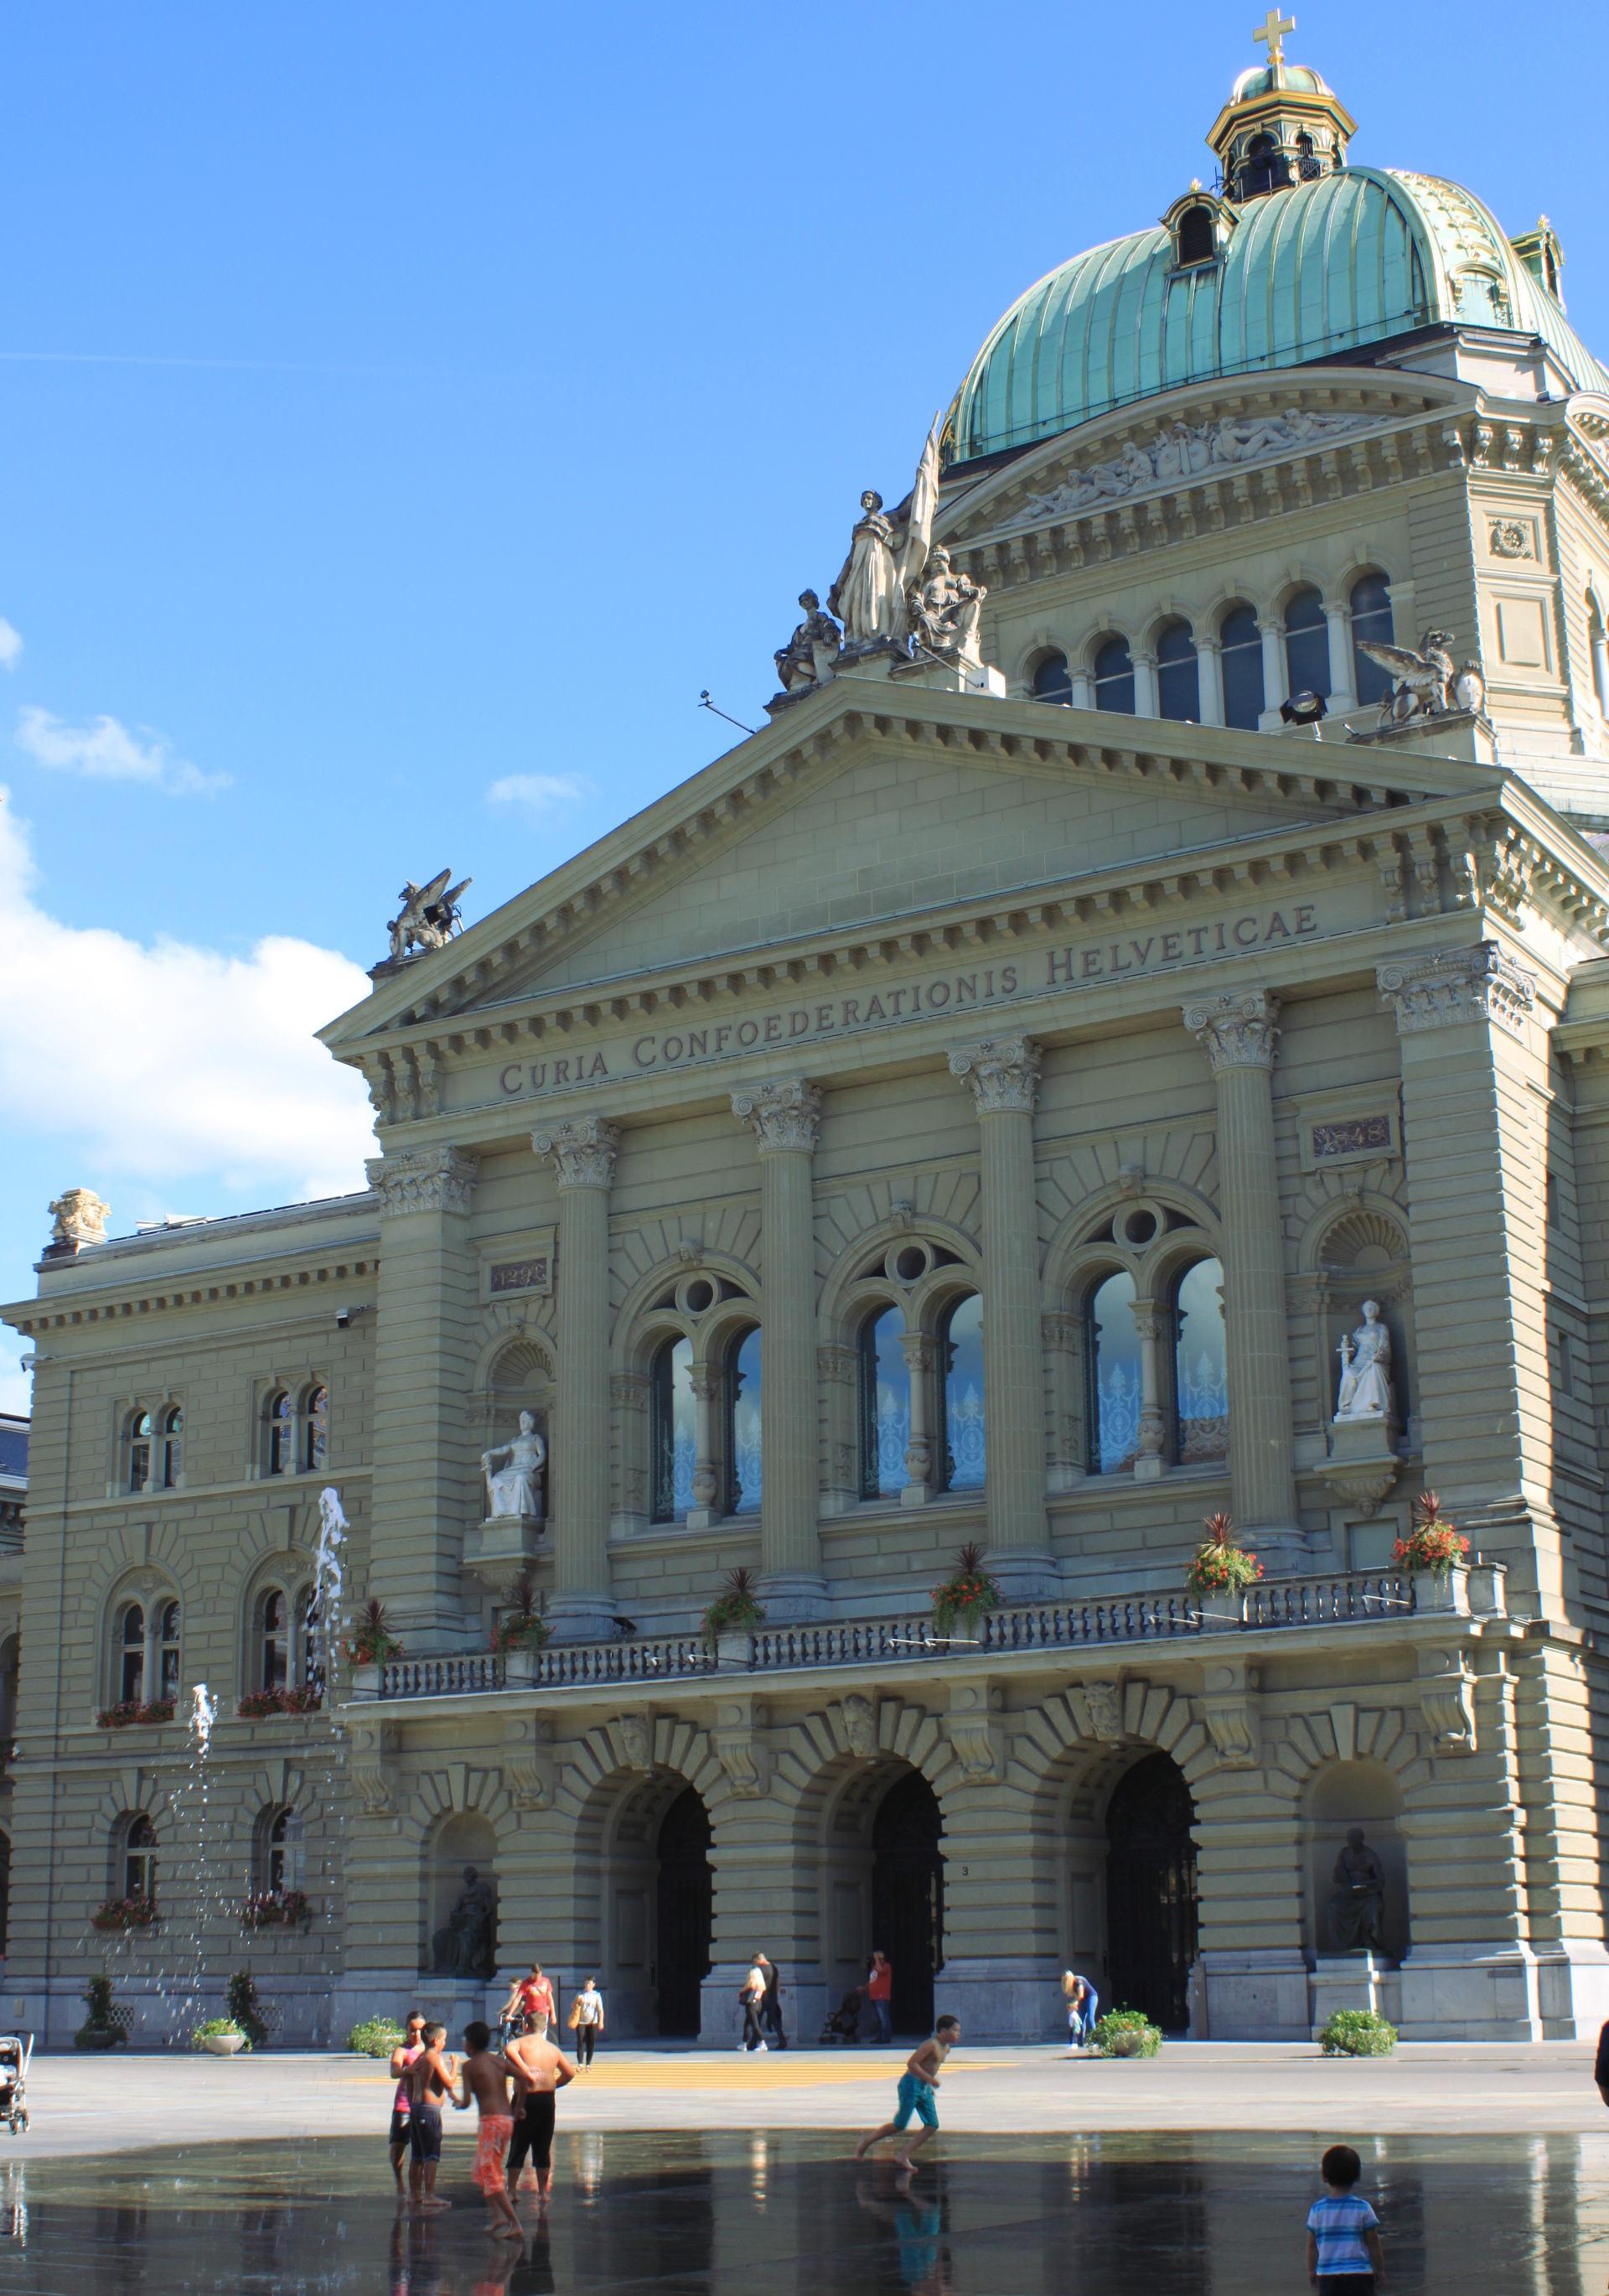 szwajcaria berno bern parlament stolica miasto stolica iglawpodrozy